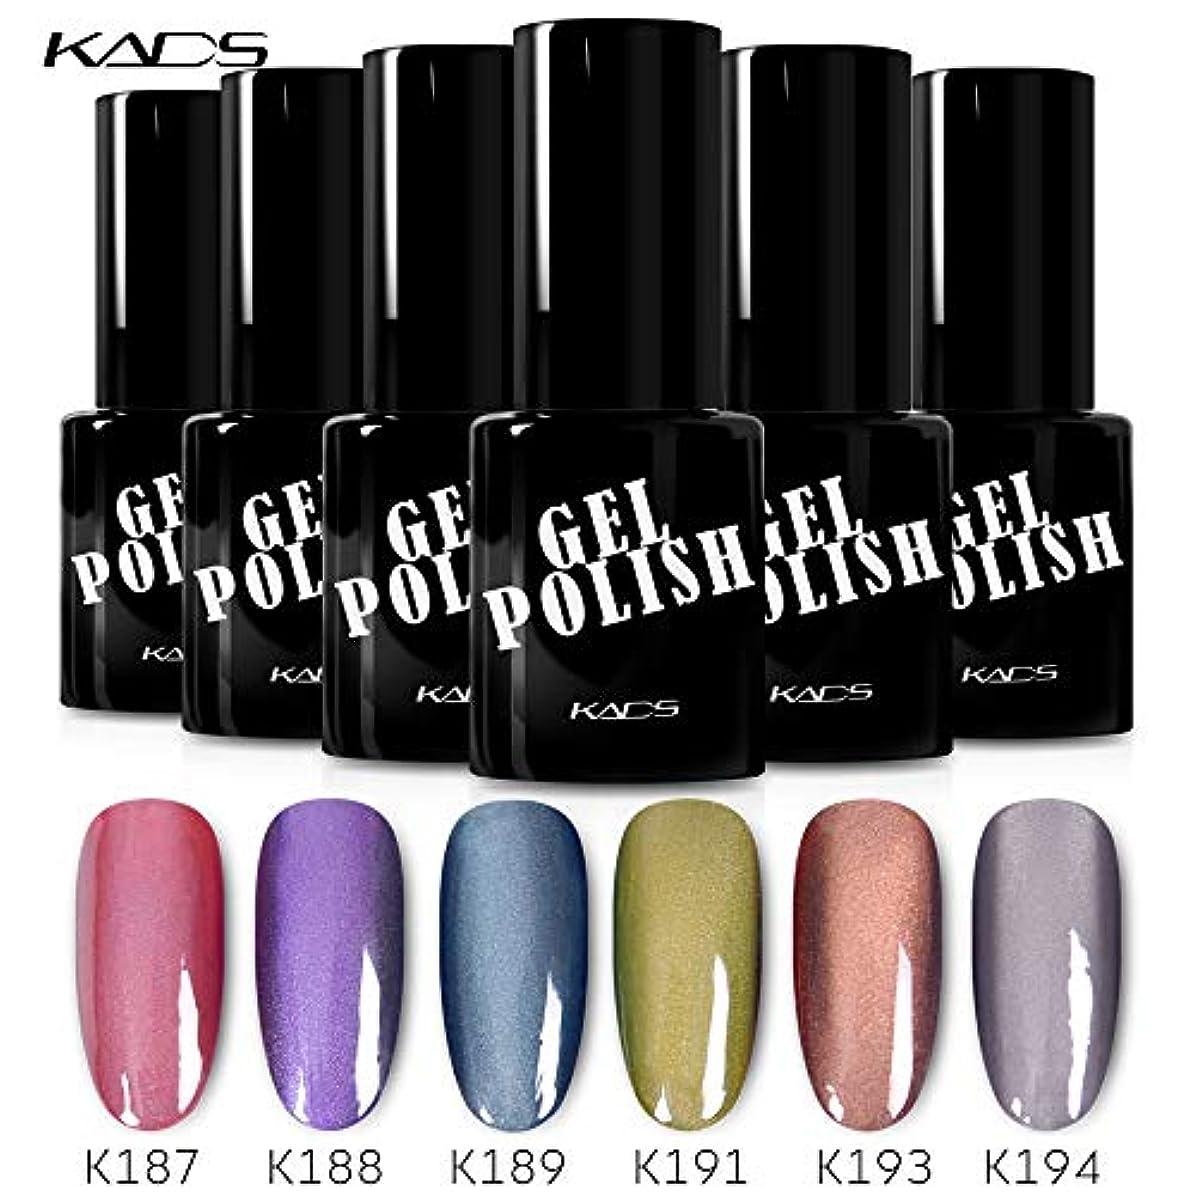 懸念エゴイズムハーネスKADS カラージェル 6色入り キャッツアイジェルネイル グリーン/ピンク/グレー カラーポリッシュ UV/LED対応 艶長持ち